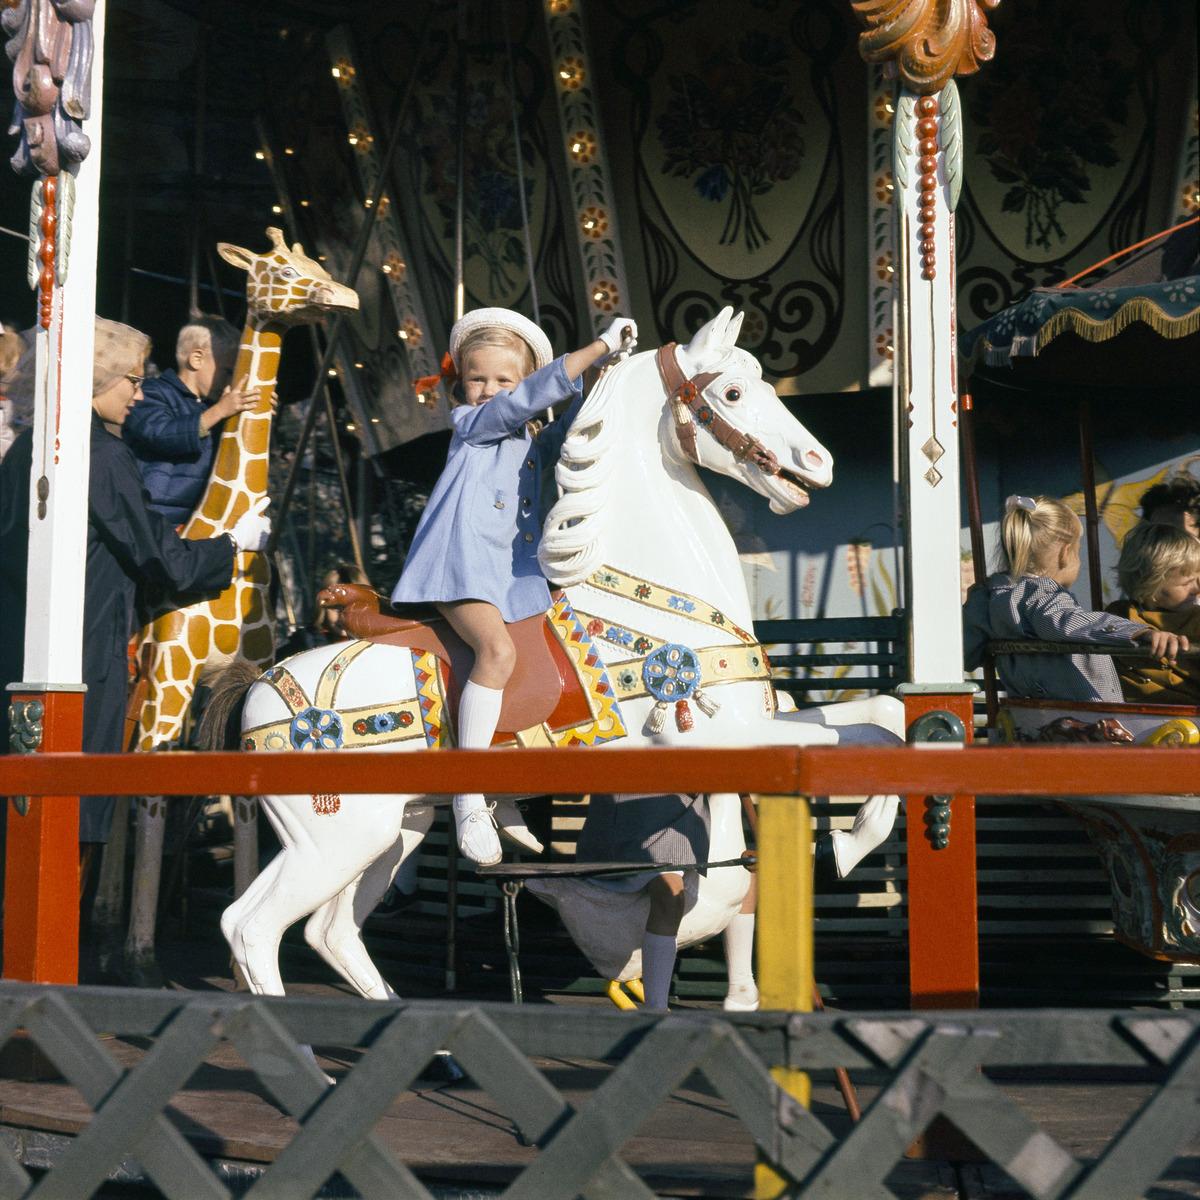 Lapsi ratsastaa leikkihevosen selässä karusellissa Linnanmäellä.